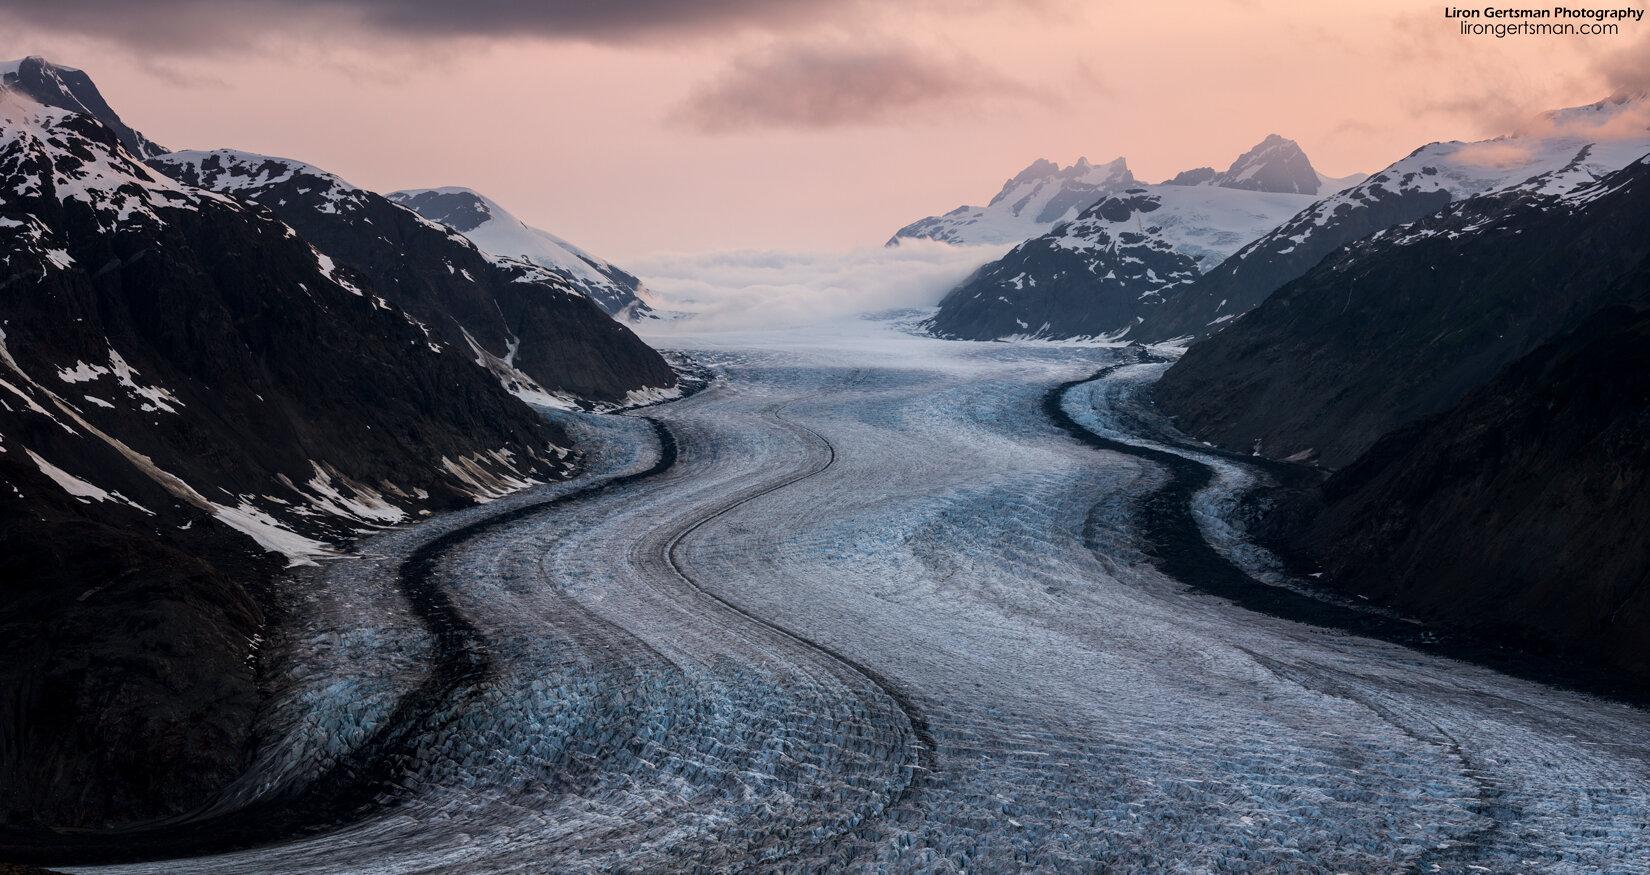 Salmon-Glacier-01-crop-1-web.jpg